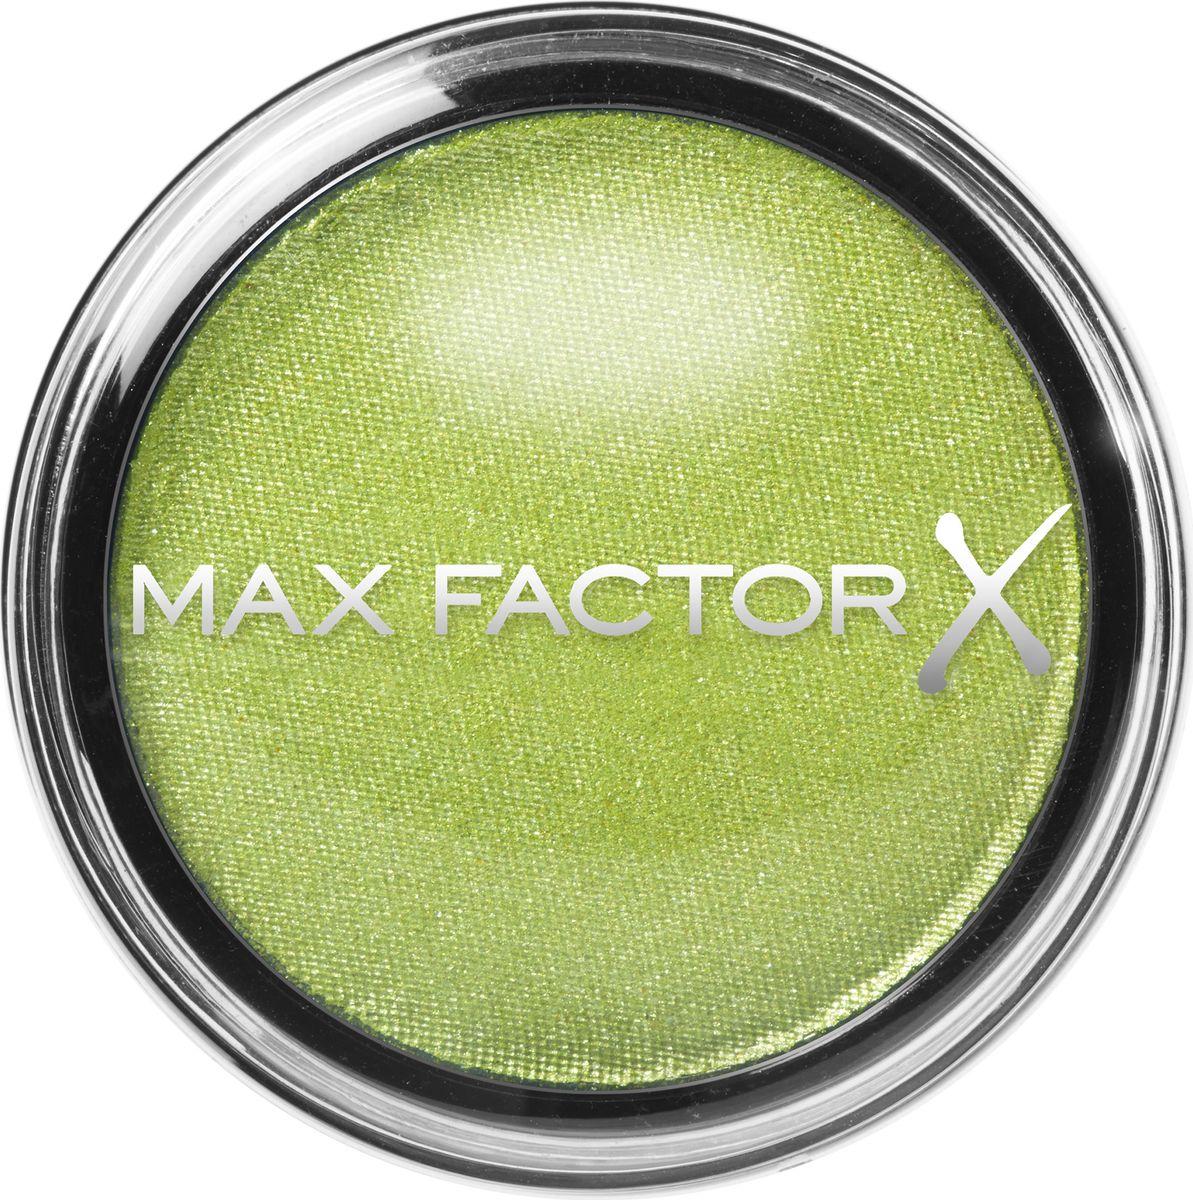 Max Factor Тени Одноцветные Wild Shadow Pots Eyeshadow 50 тон untamed green 2 гр81411280Приготовься к диким экспериментам с цветом! Эти высокопигментные тени подарят тебе по-настоящему ошеломительный взгляд. - Высокопигментный цвет •16 ошеломительных насыщенных оттенков •Наноси влажной кисточкой для более интенсивного цвета •Легко растушевываются и смешиваются. Бесконечный простор для экспериментов! Протестировано офтальмологами и дерматологами. Подходит для чувствительных глаз и тех, кто носит контактные линзы. 1. Нанеси немного теней на кисть руки специальной кисточкой перед тем как начать. 2. Всегда наноси тени понемногу и растушевывай очень тщательно. 3. Наноси светлый оттенок от ресниц до бровей, средний - на сгиб и внешний уголок глаза. 4. Для более интенсивного цвета немного улажни кисточку.